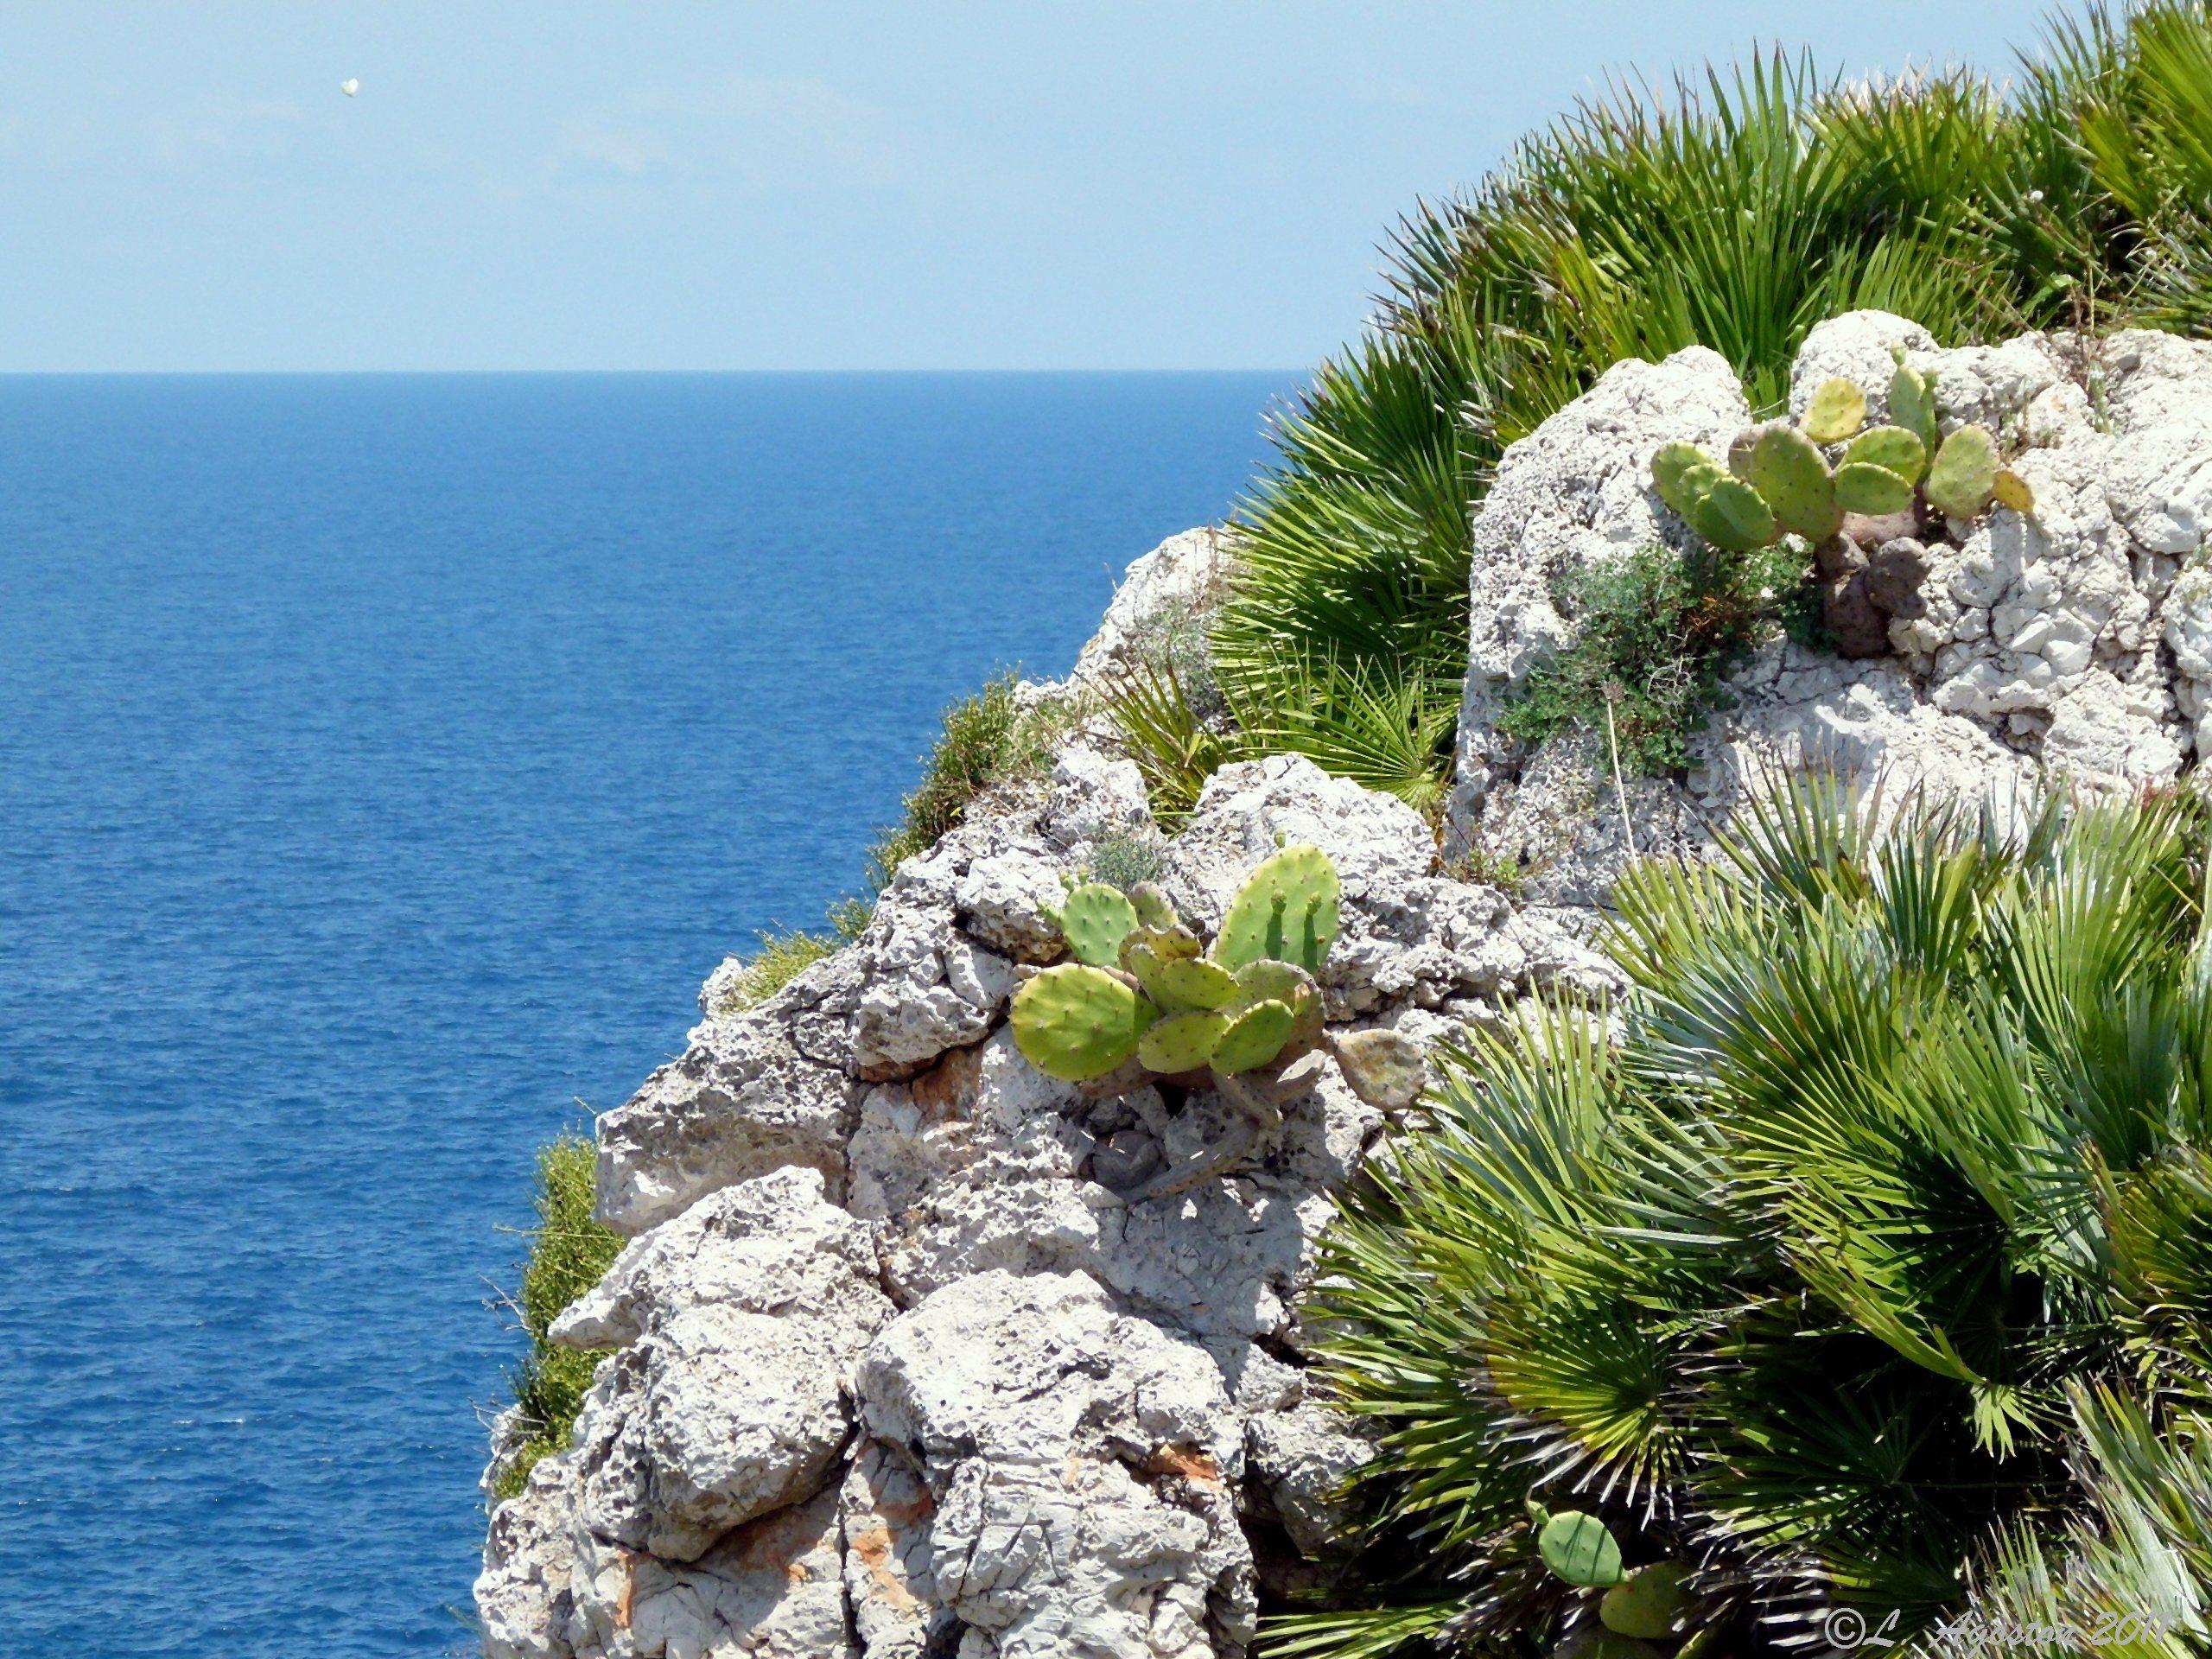 """Sapevi che l'area di Capo Rama è stata oggetto di tutela fin dal 1968 da parte del Comune di Terrasini come """"Biotopo di inestimabile valore""""? www.palmbeachhotel.it #HolidayExperience #InterludeVacation"""